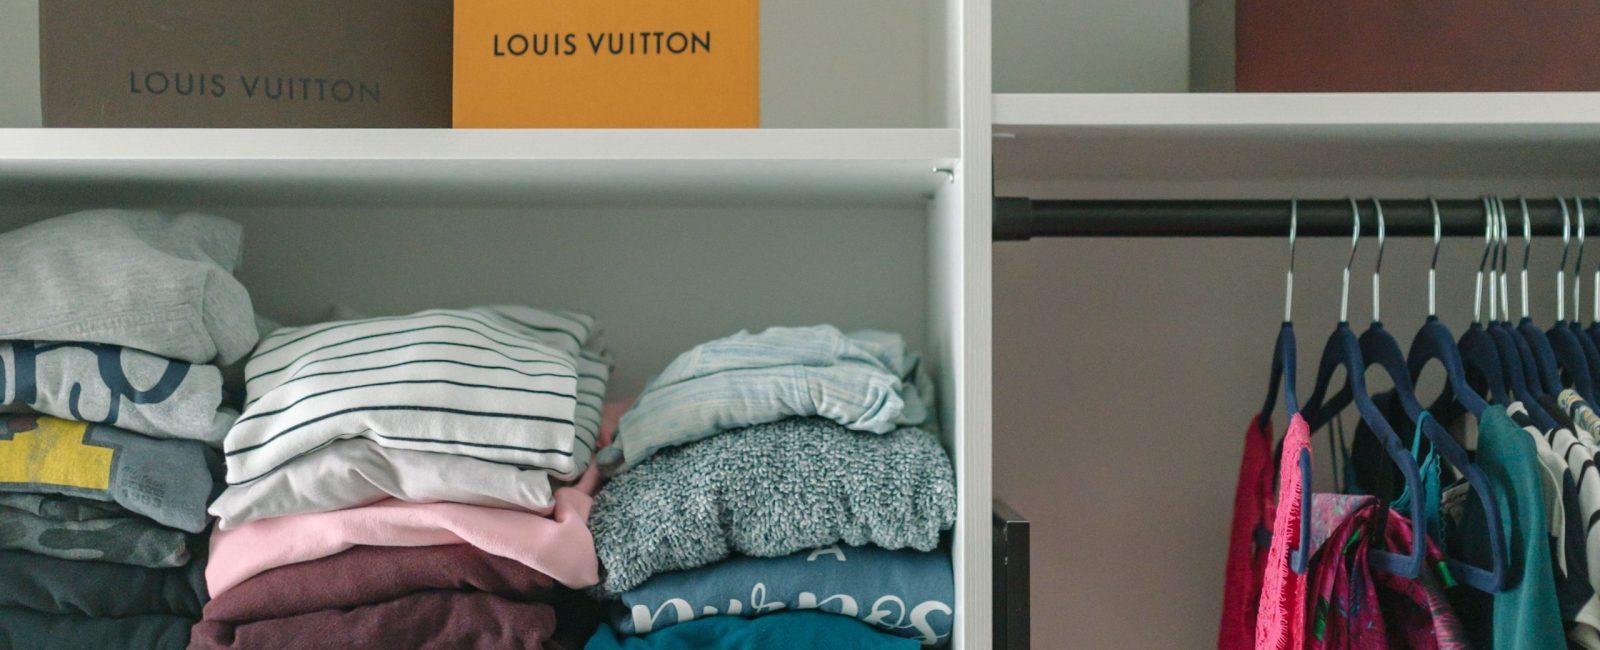 Custom Bedroom Closet Organization Ideas